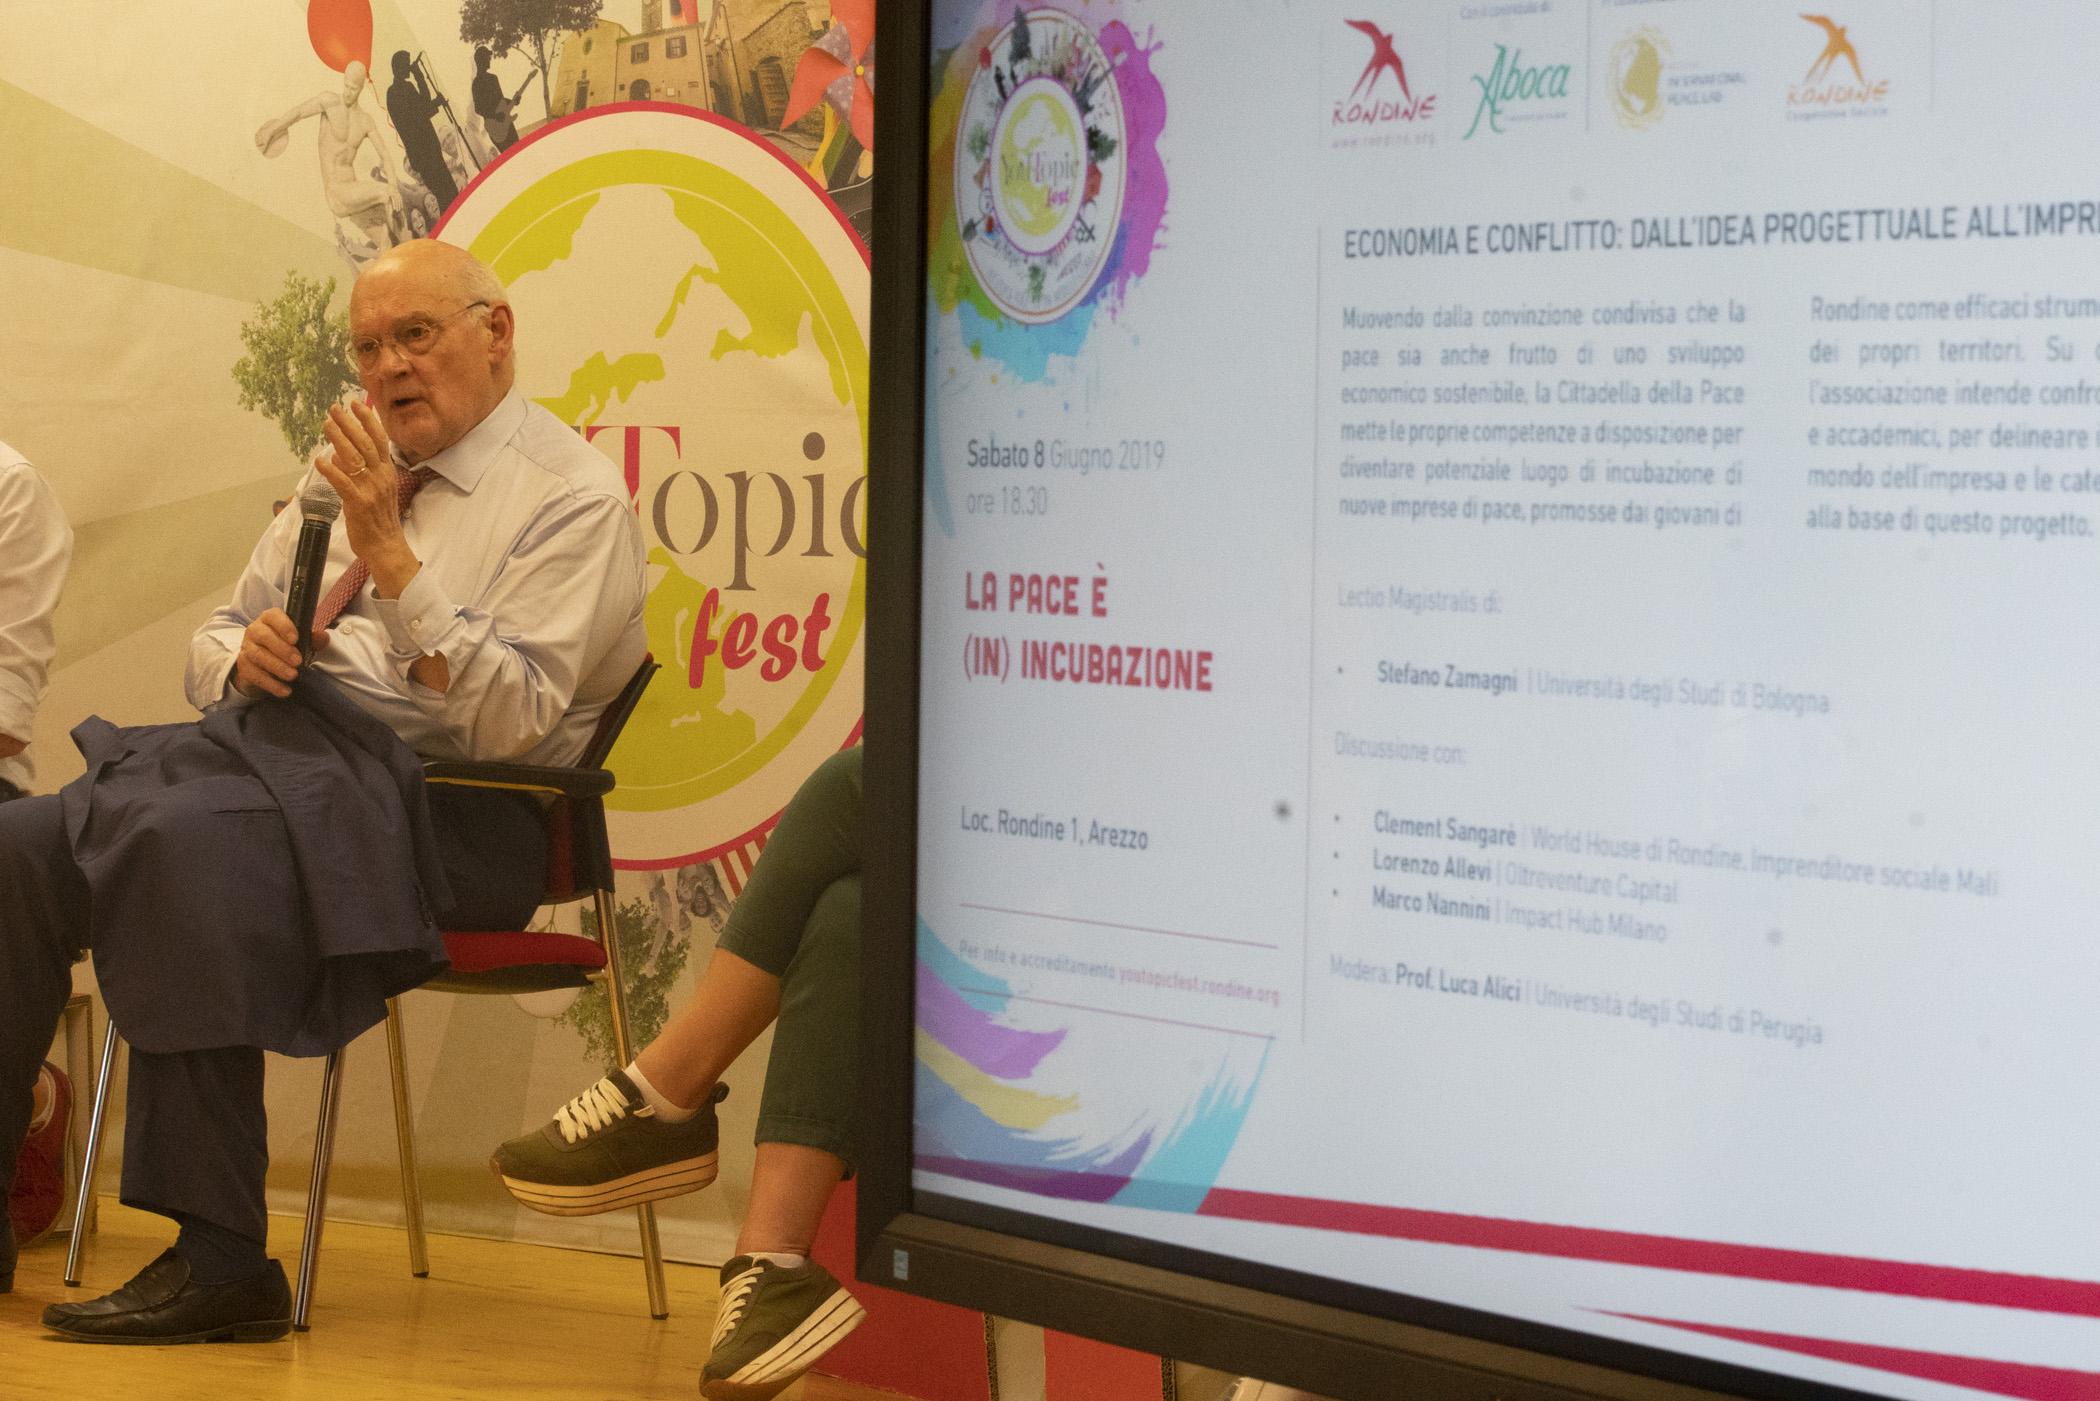 """Zamagni: """"L'impresa di pace di Rondine: un'idea vincente"""". Si chiude la quarta edizione di YouTopic Fest"""